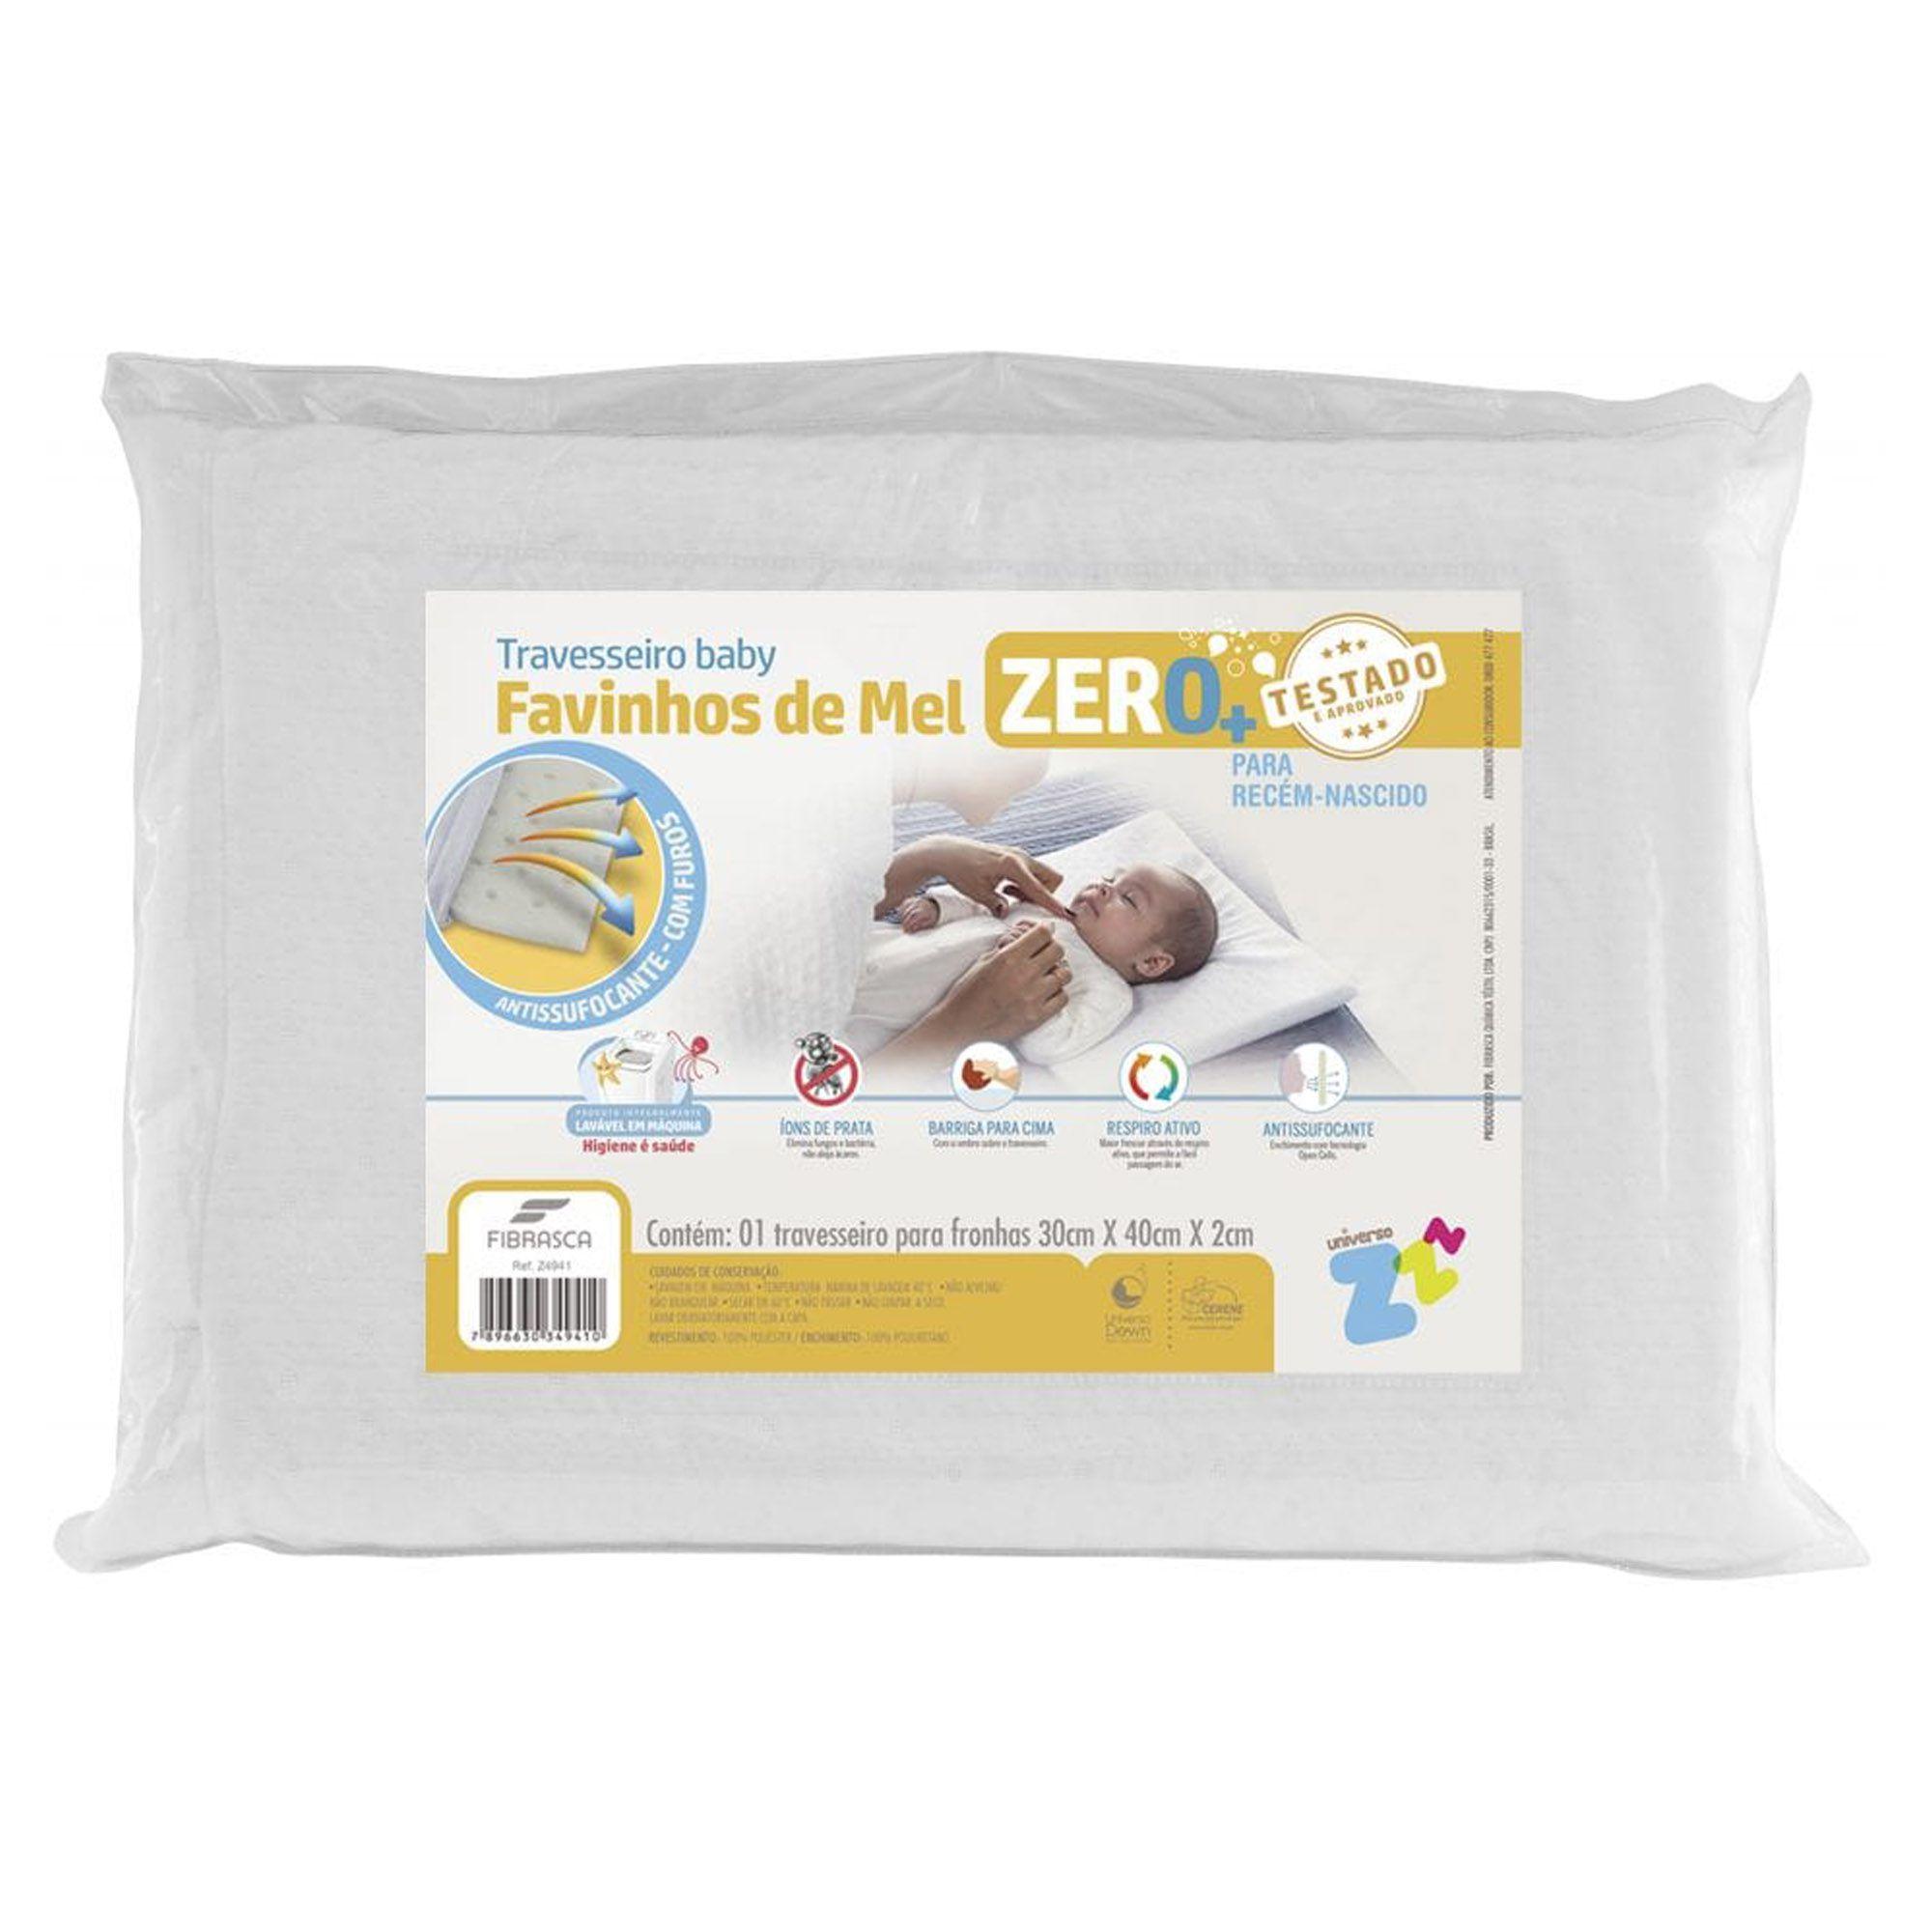 Travesseiro Favinhos de Mel 0+ 030 x 040 cm